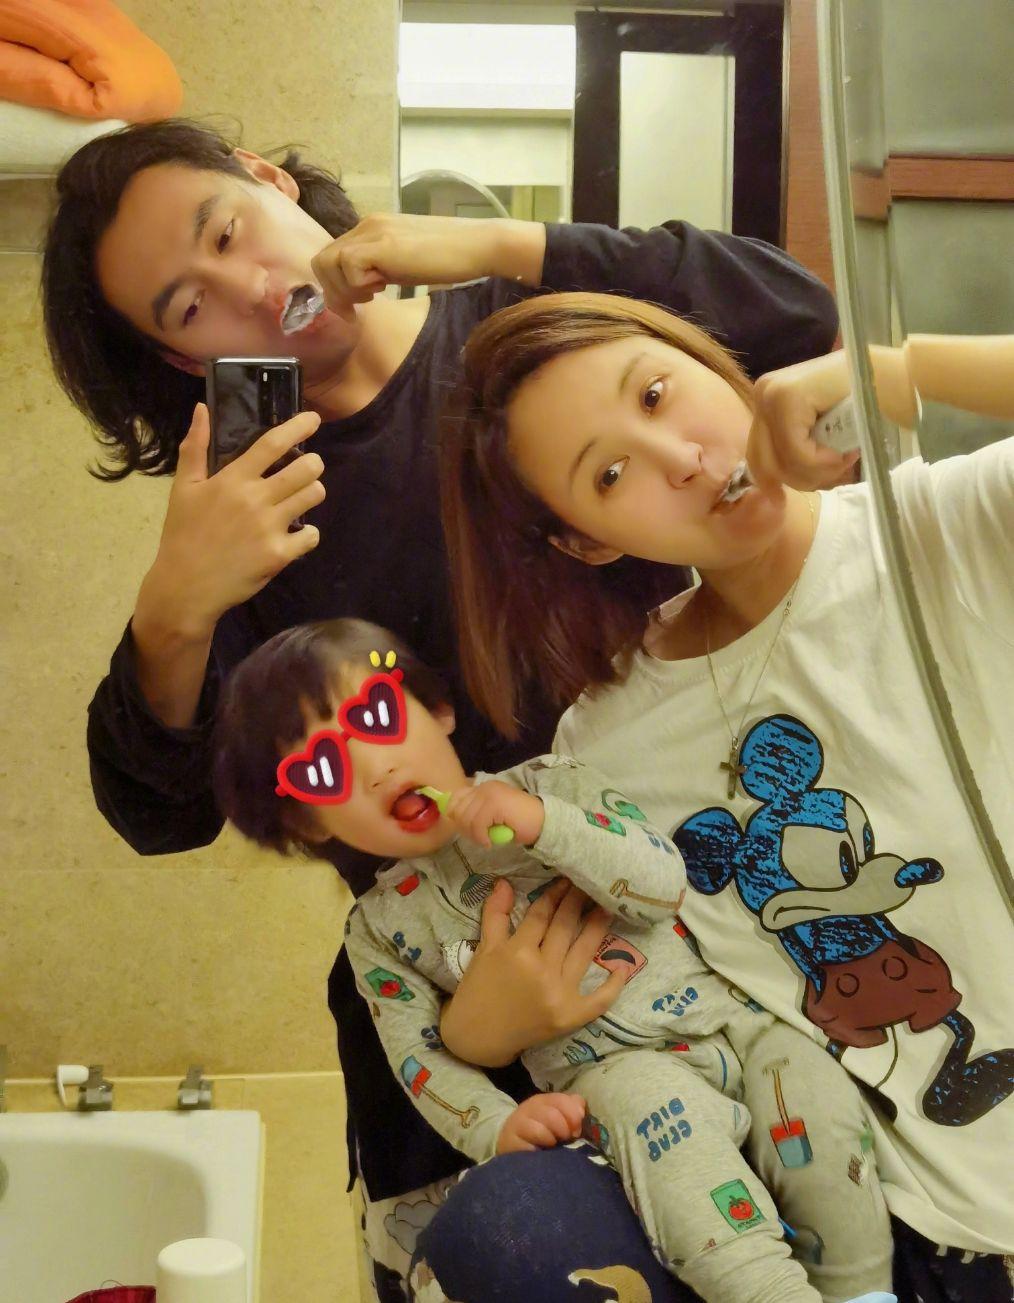 张歆艺1岁半儿子获妈妈圈好评:孩子的举止,暴露出夫妻关系真相